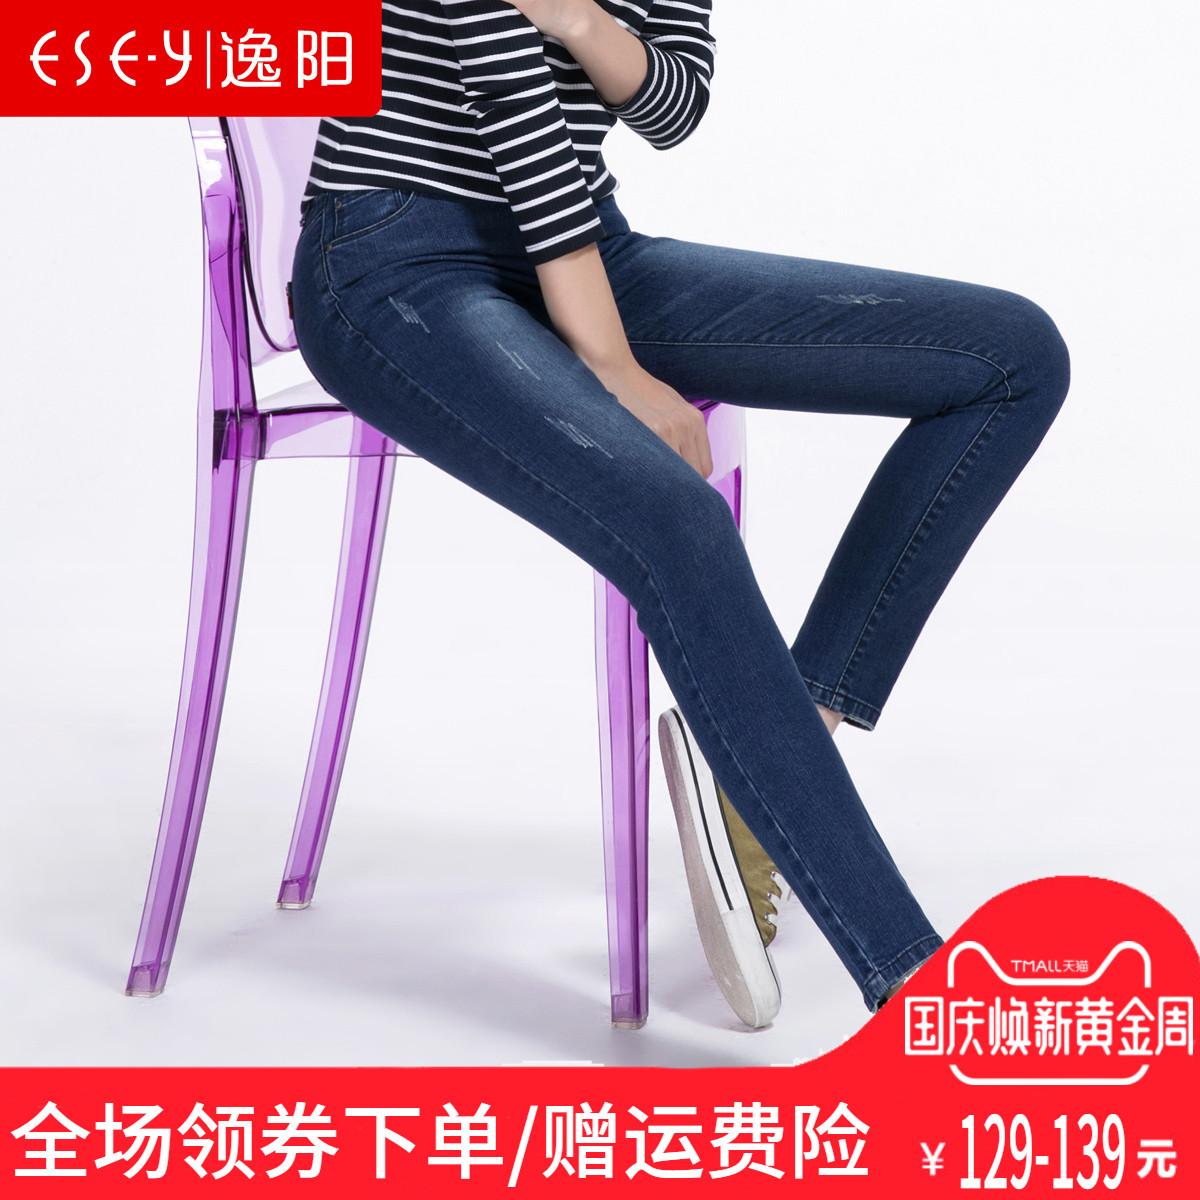 逸阳女裤2018秋冬新款牛仔裤女显瘦小脚裤高腰弹力修身铅笔裤长裤